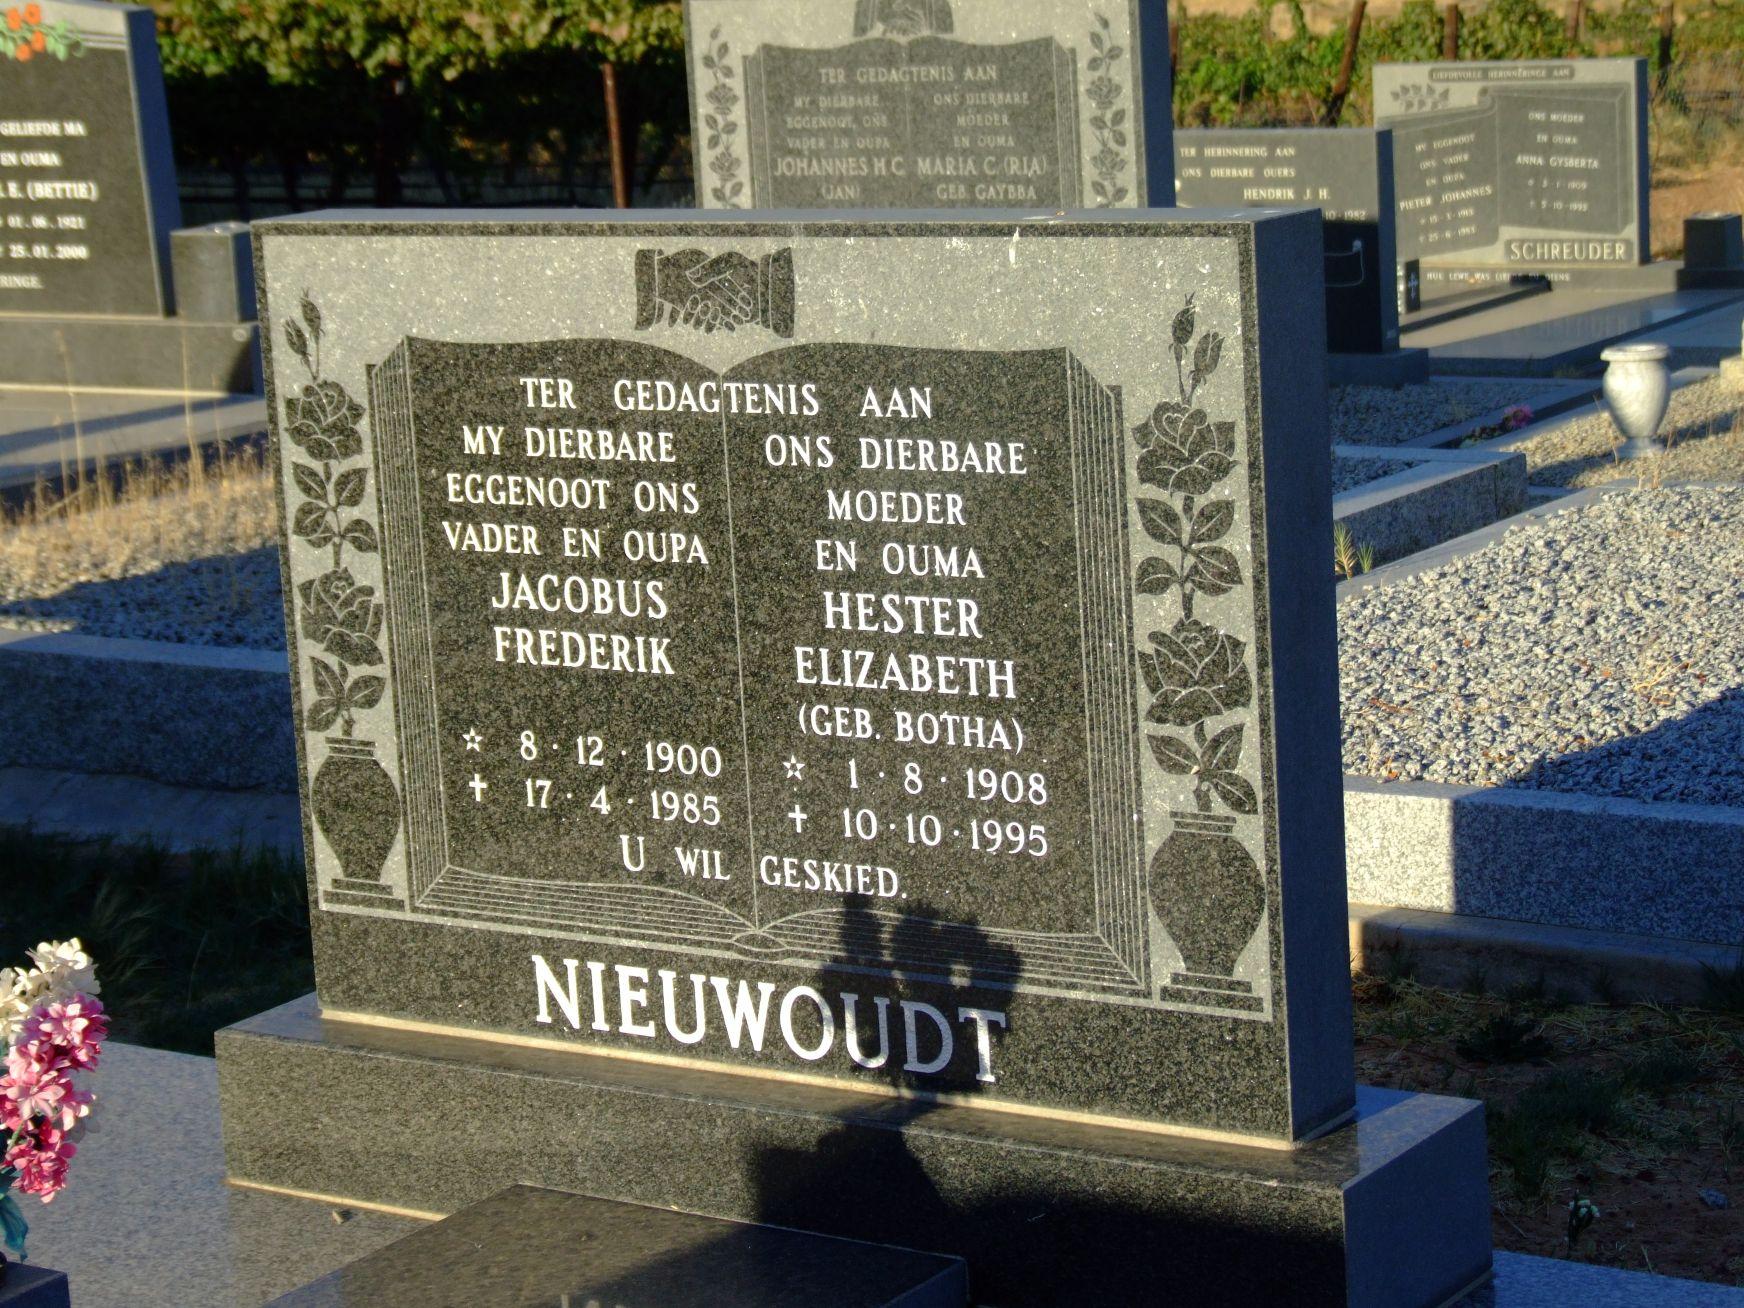 Nieuwoudt, Jacobus Frederik + Nieuwoudt, Hester Elizabeth